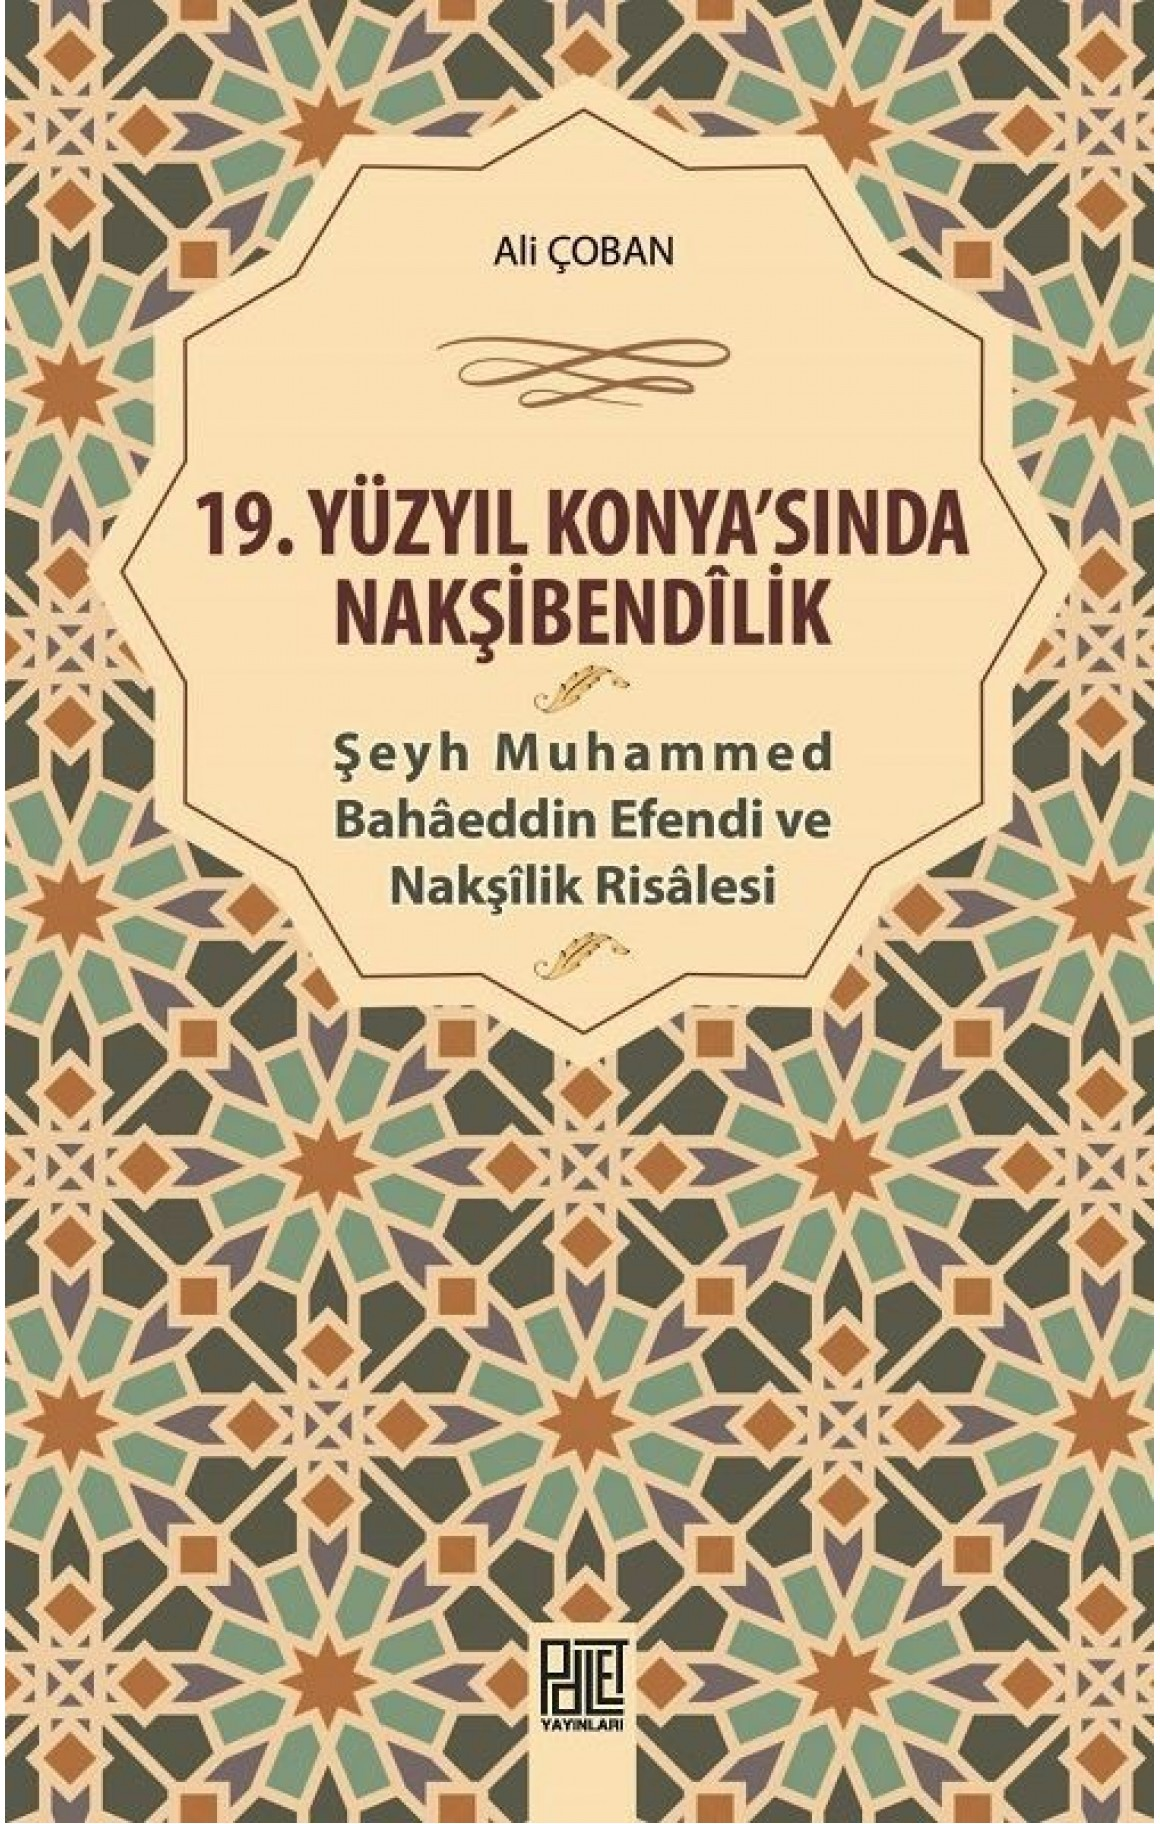 19.Yüzyıl Konyasında Nakşibendilik-Şeyh Muhammed Bahaeddin Efendi ve Nakşilik Risalesi